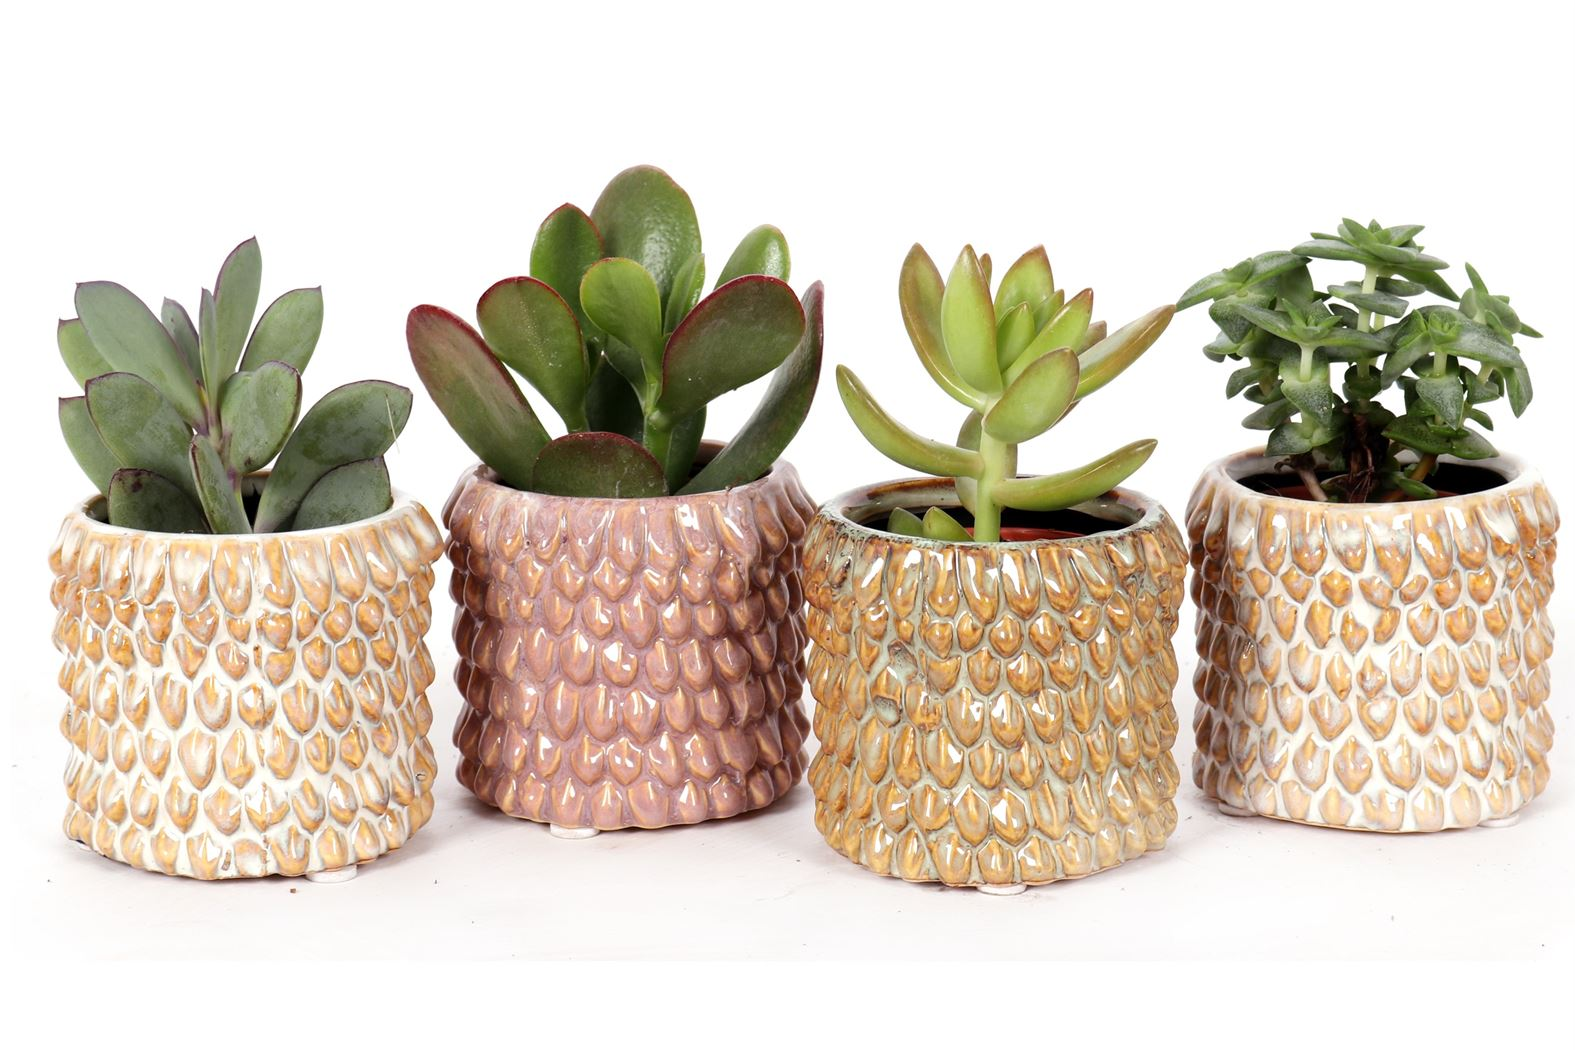 succulent gemengd in casablanca keramiek